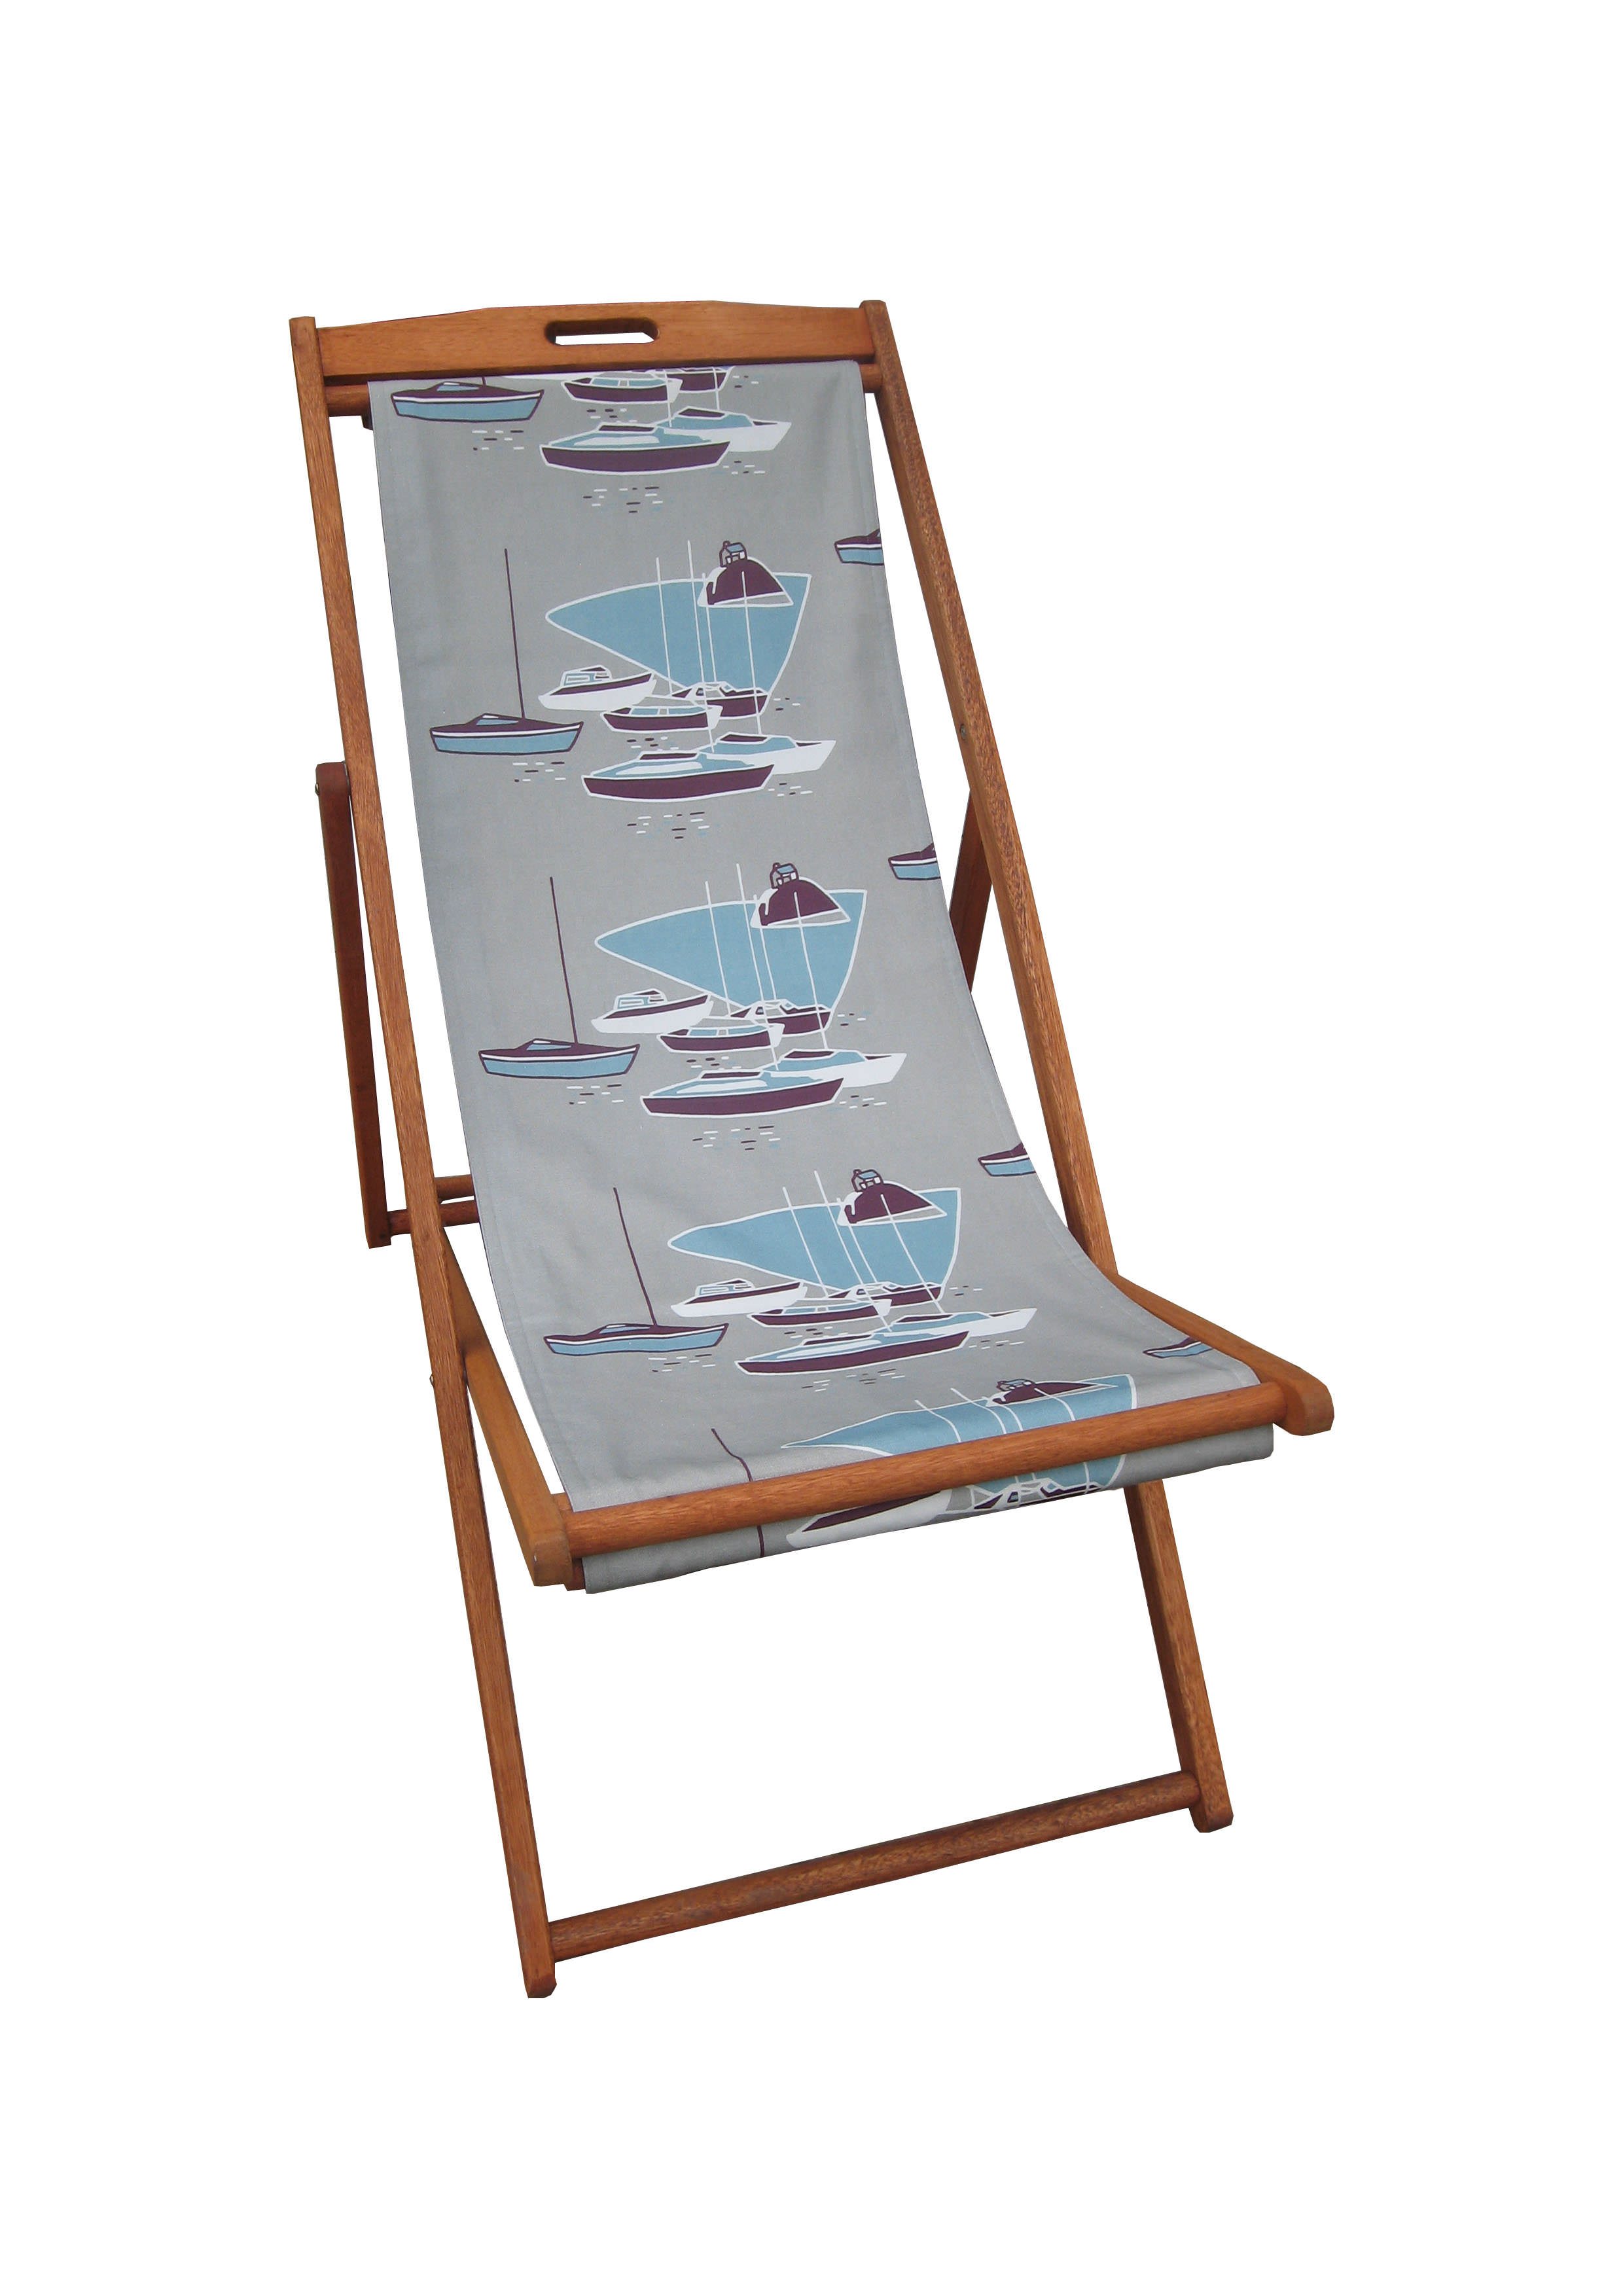 deckchair in boats Purple.jpg